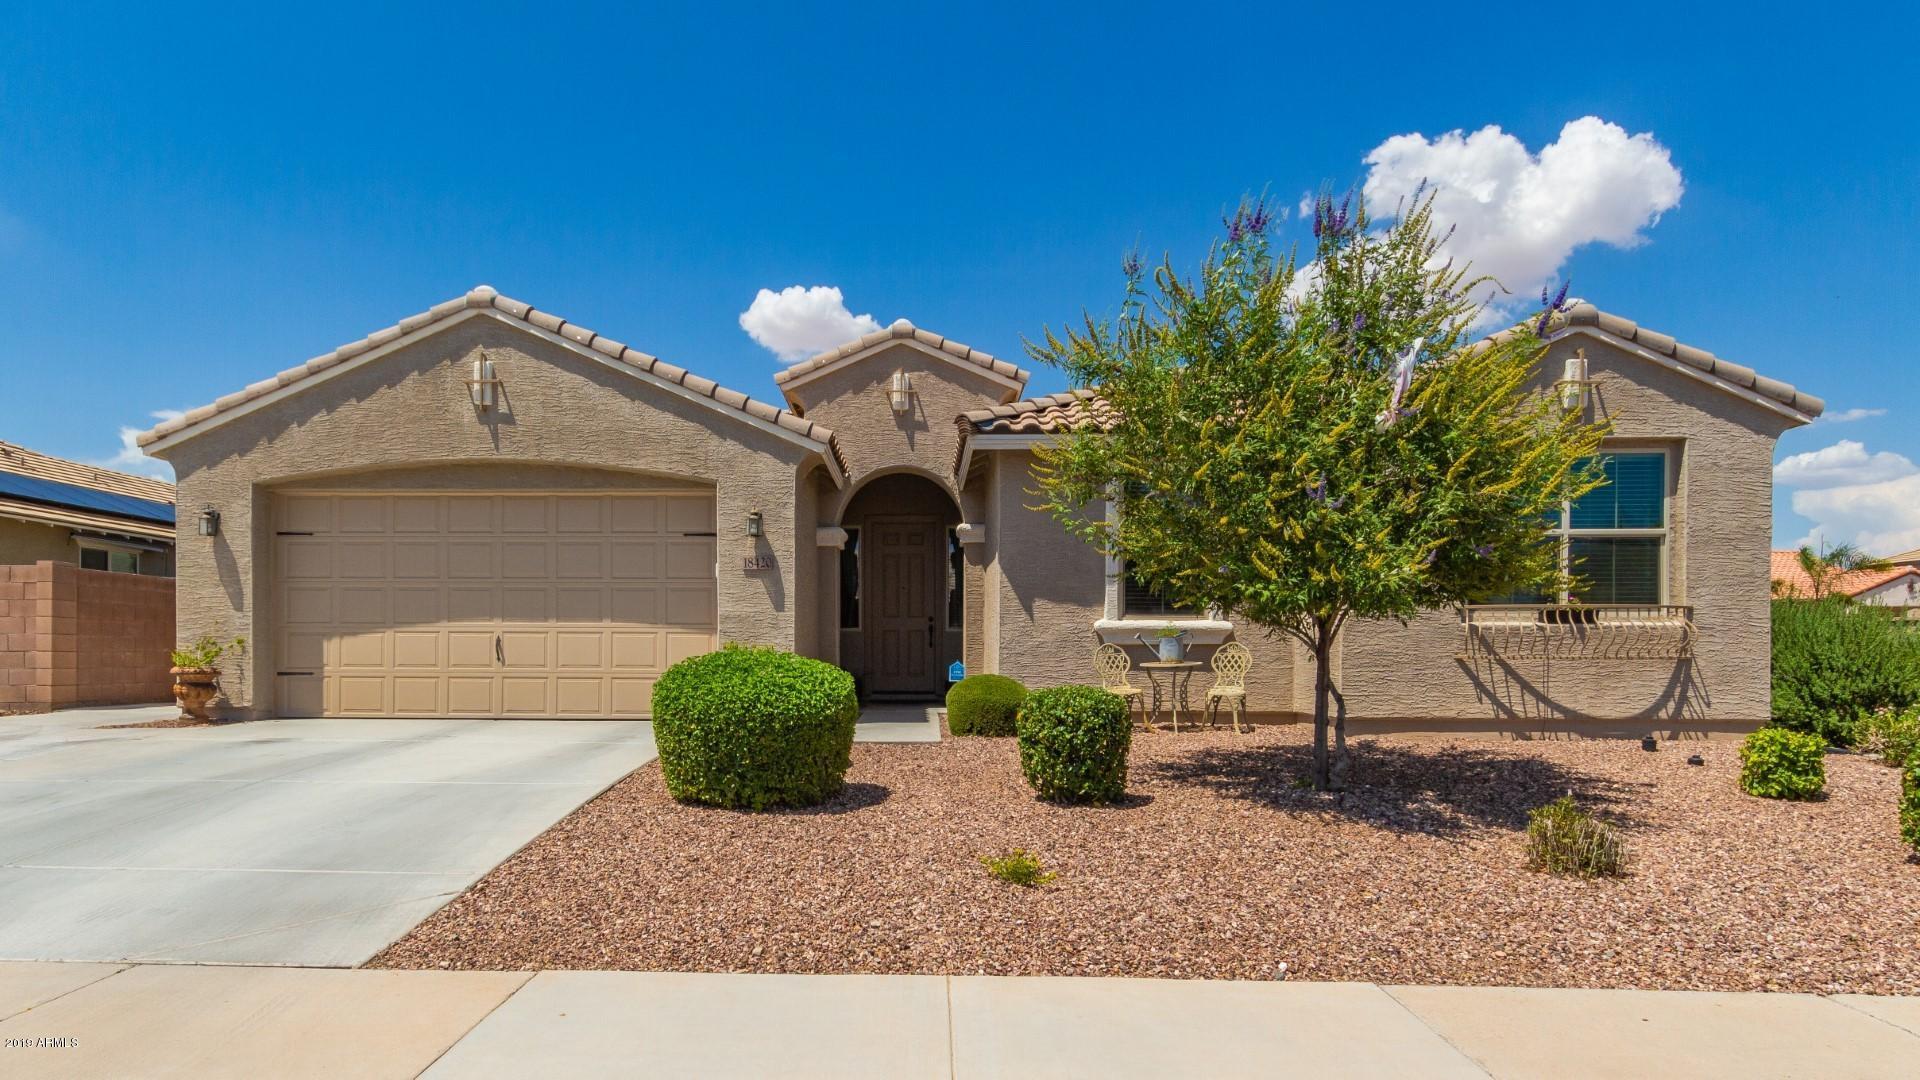 MLS 5962421 18420 W TASHA Drive, Surprise, AZ 85388 Surprise AZ Surprise Farms